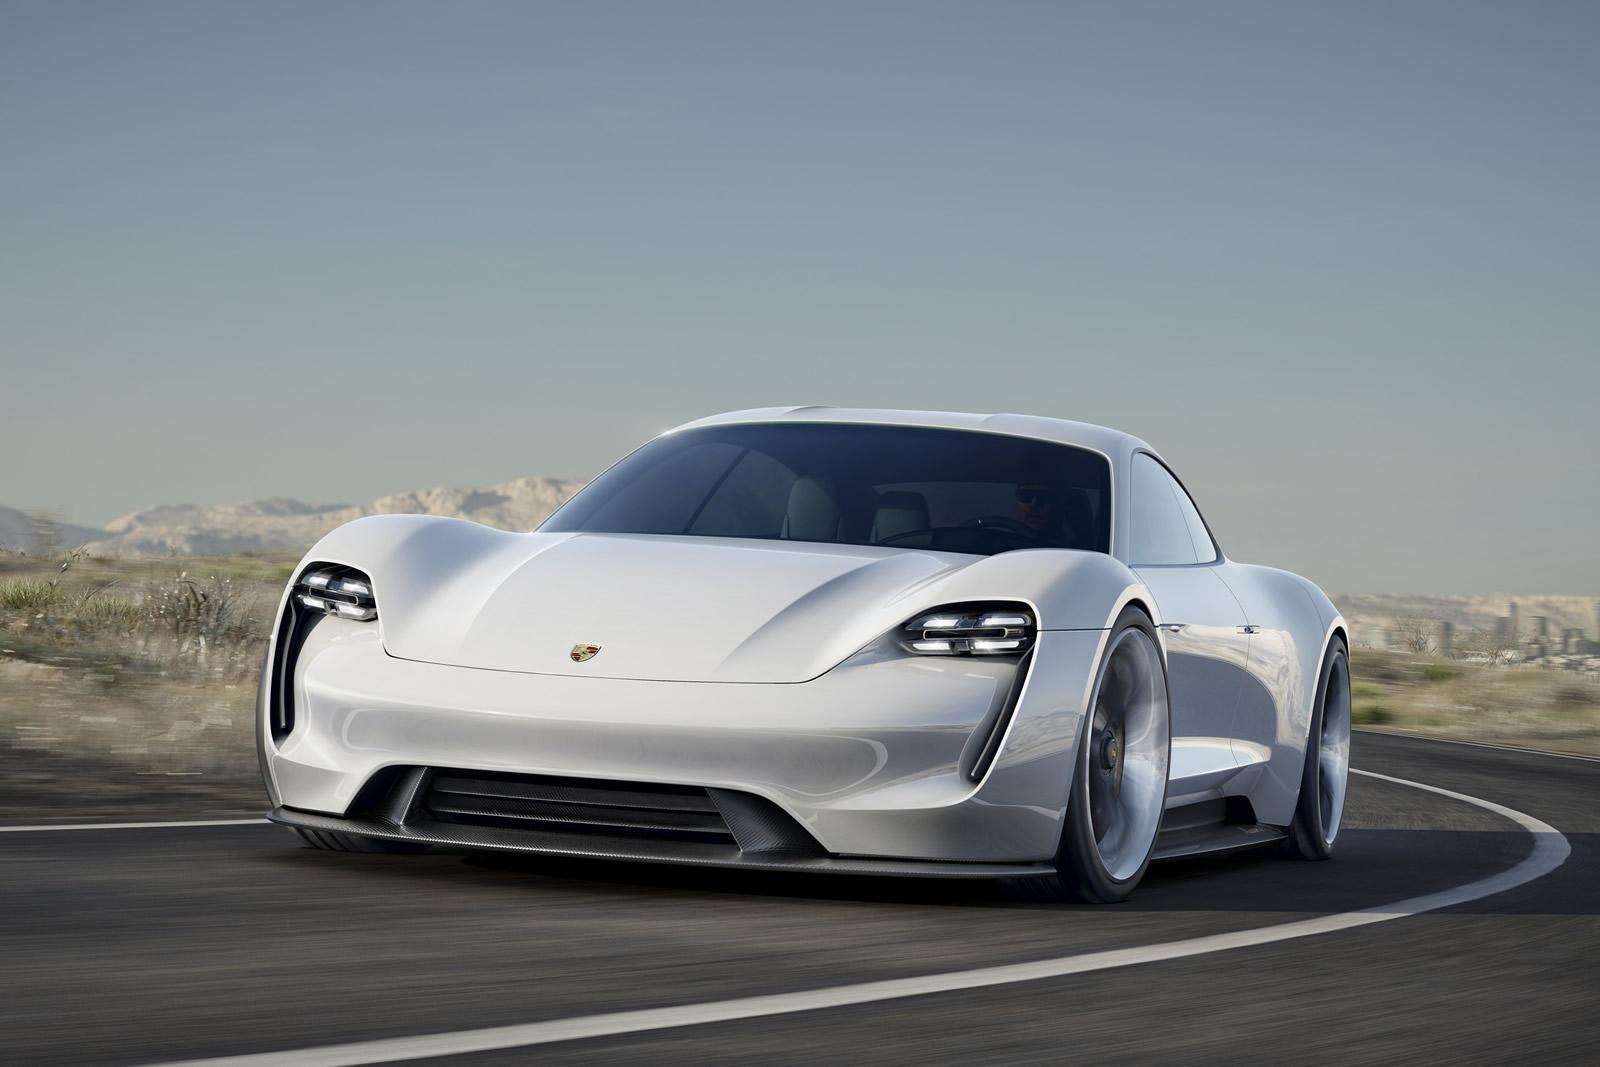 Porsche Reveals Its Electric Concept With Mission E